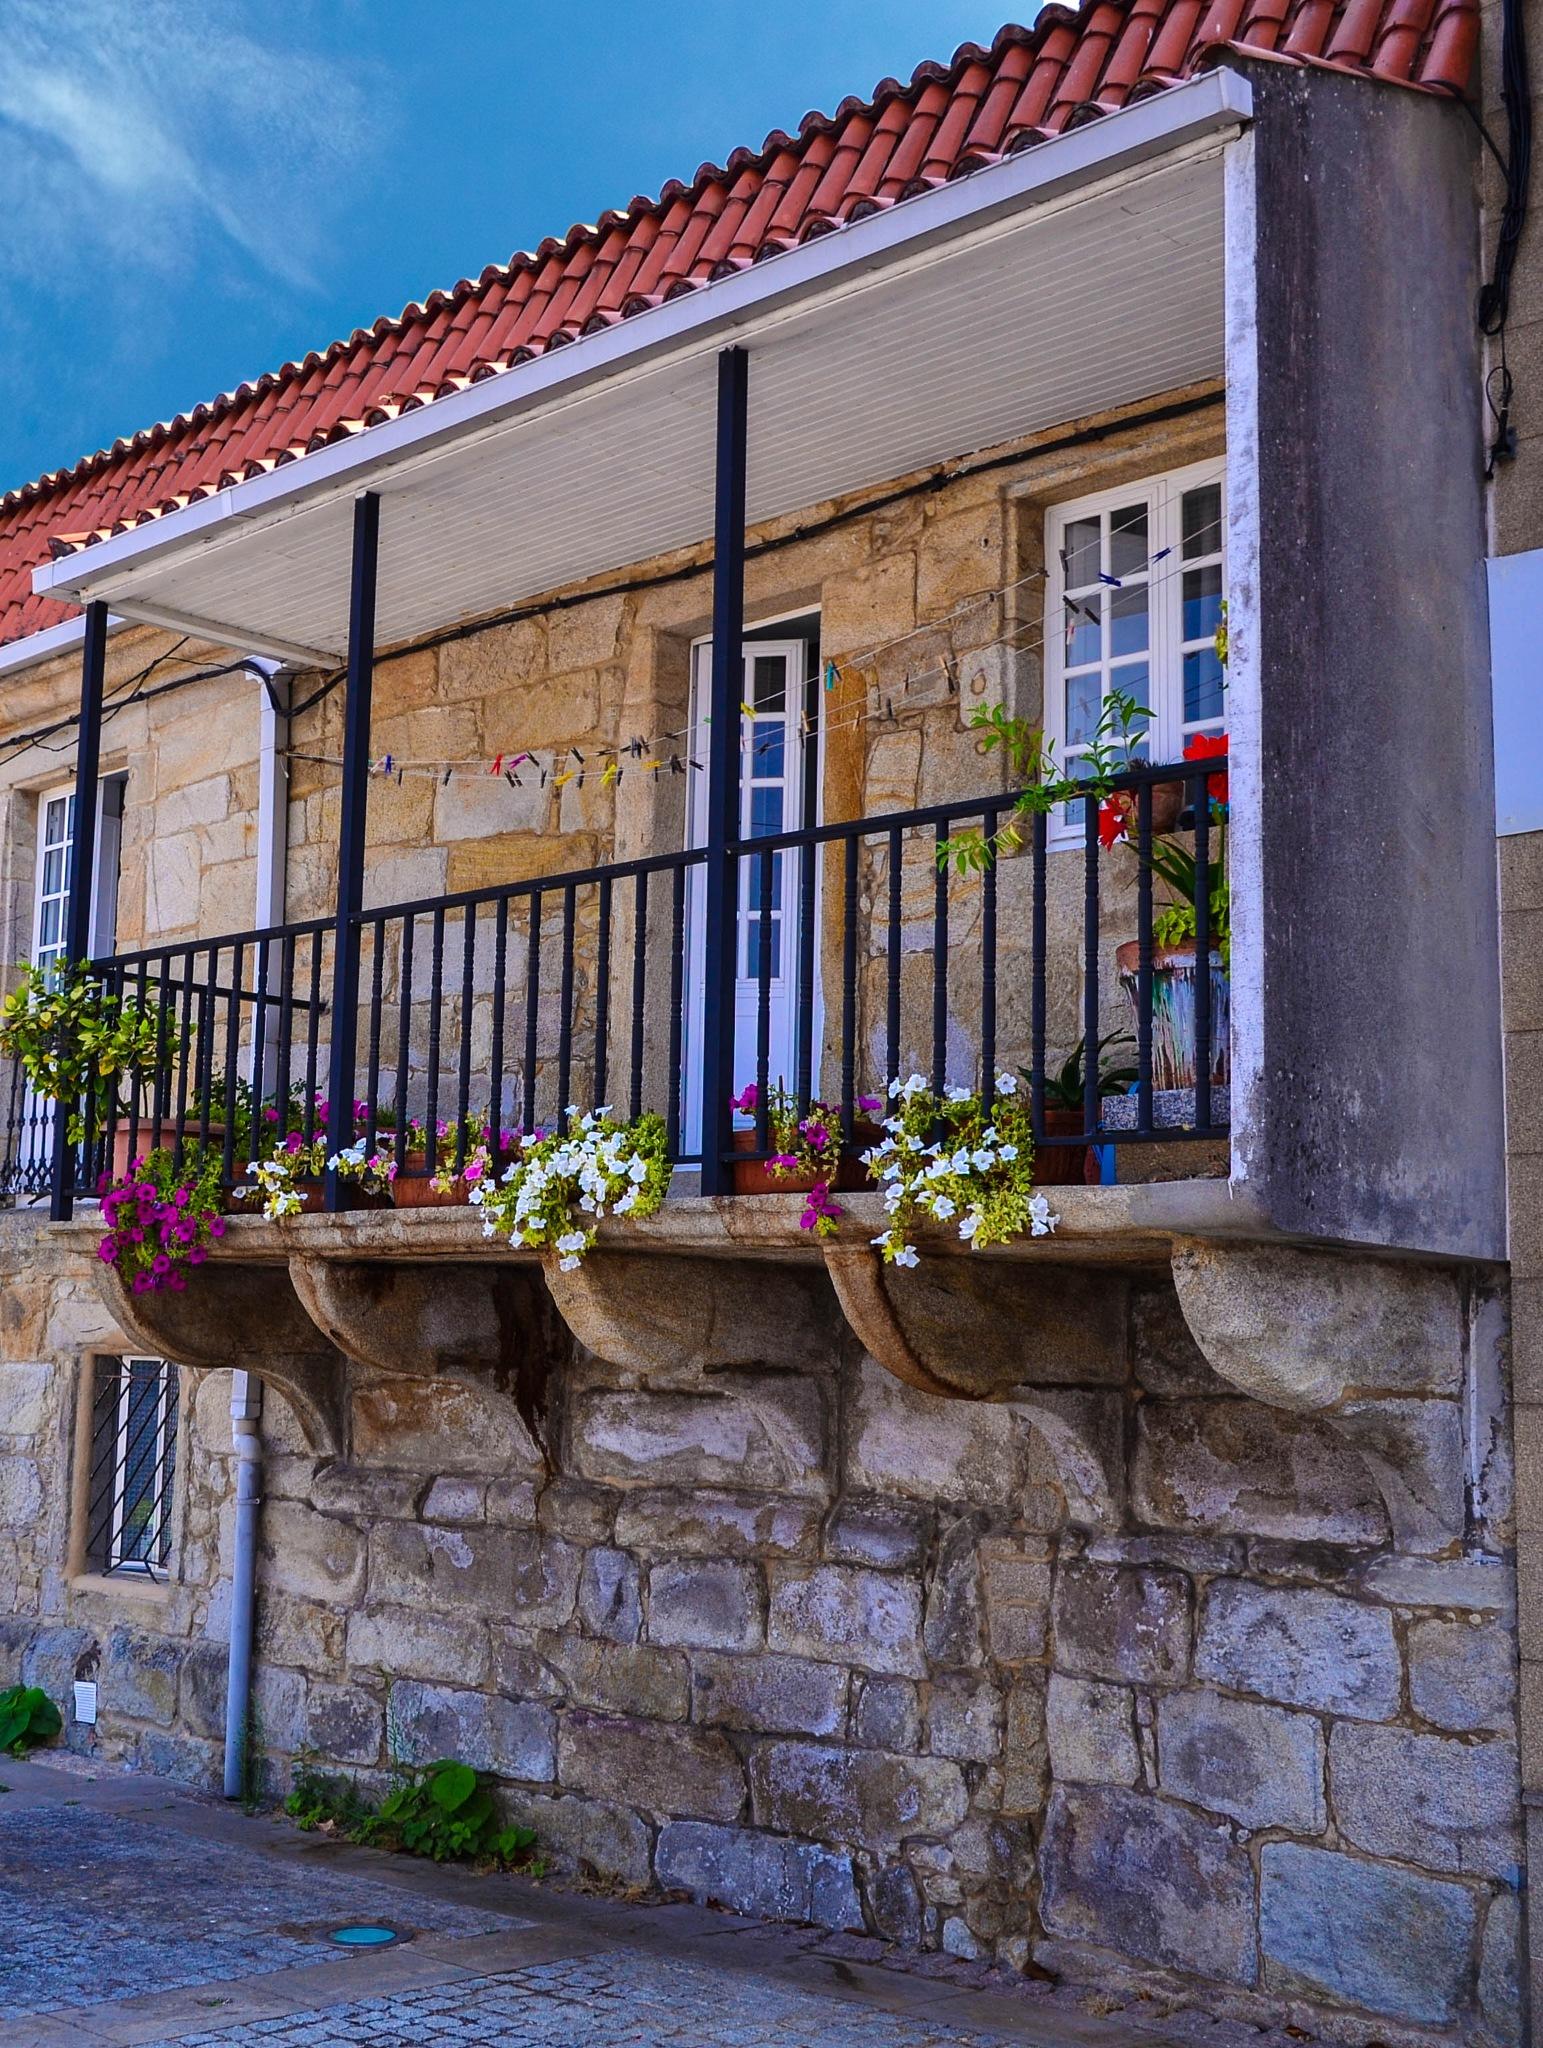 Casa antigua - Rianxo by Félix Otero Prado